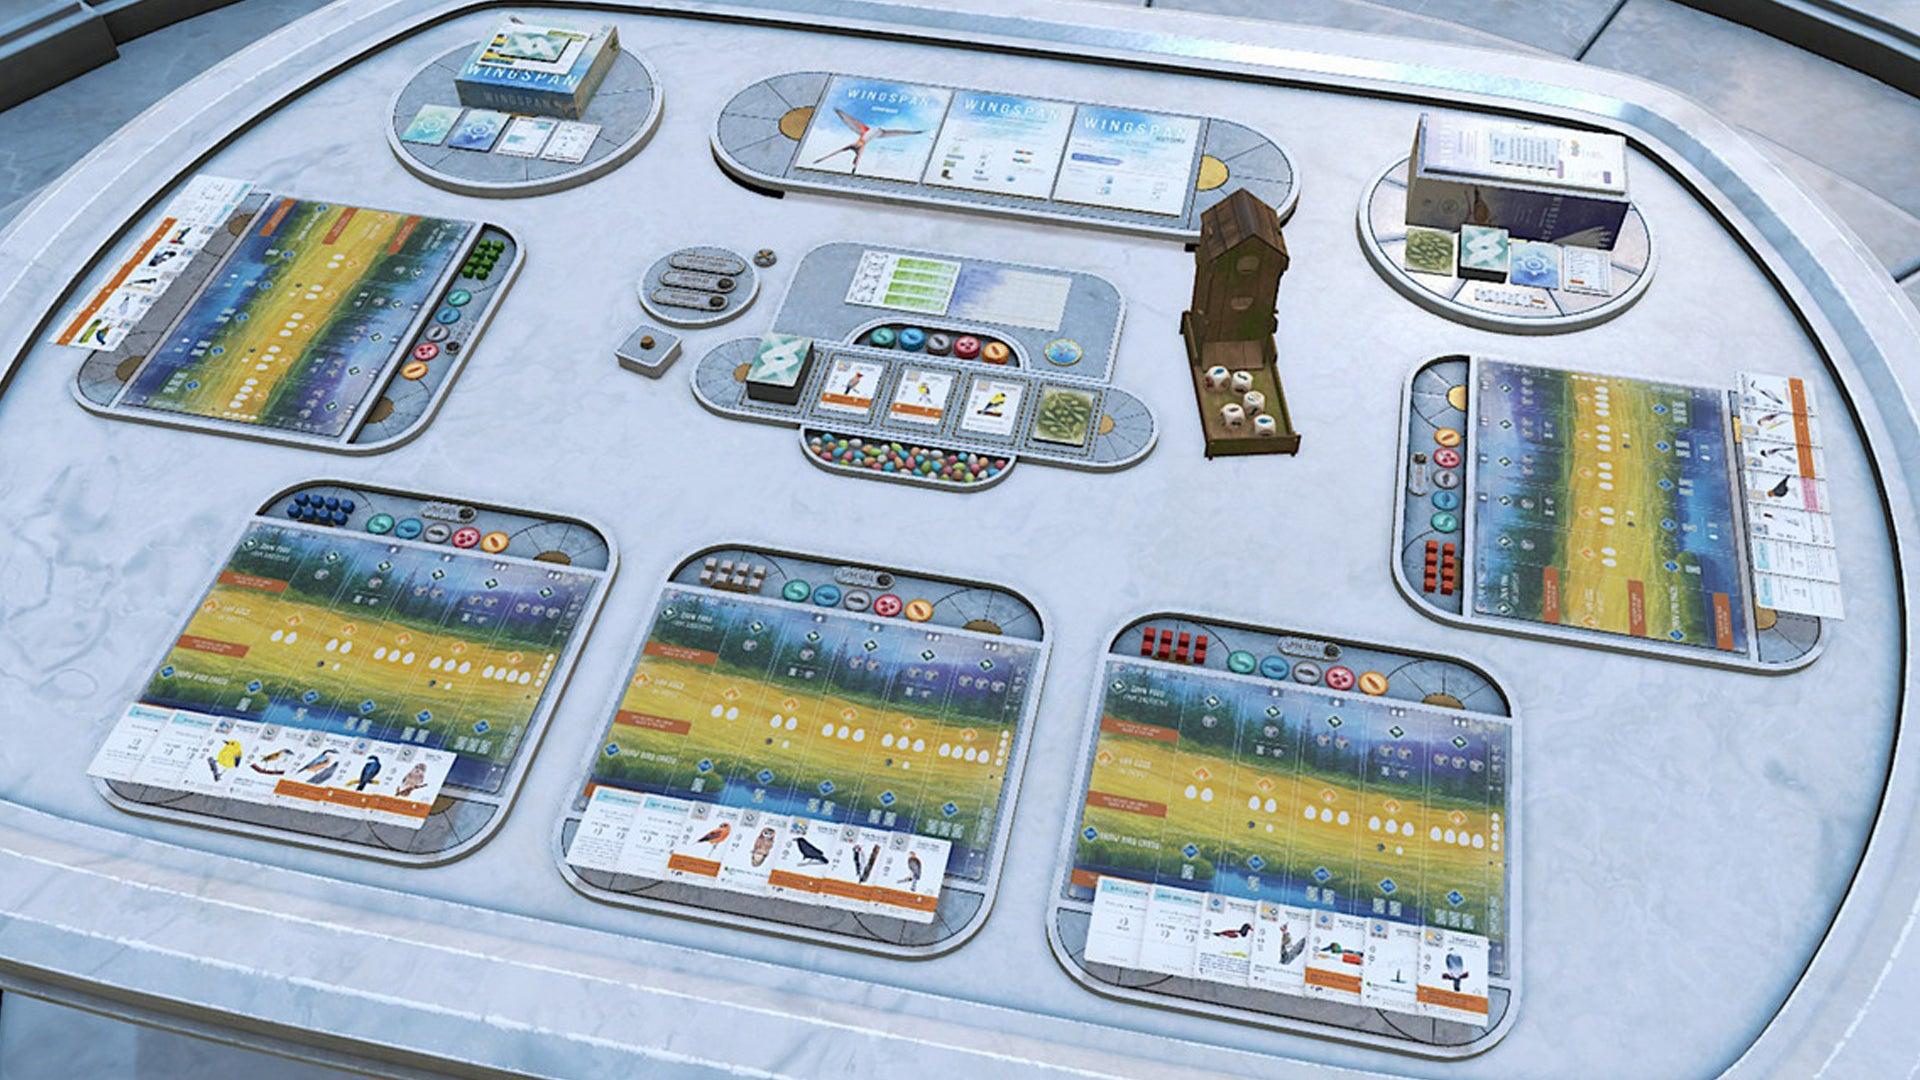 wingspan-tabletop-simulator-online-board-games.jpg